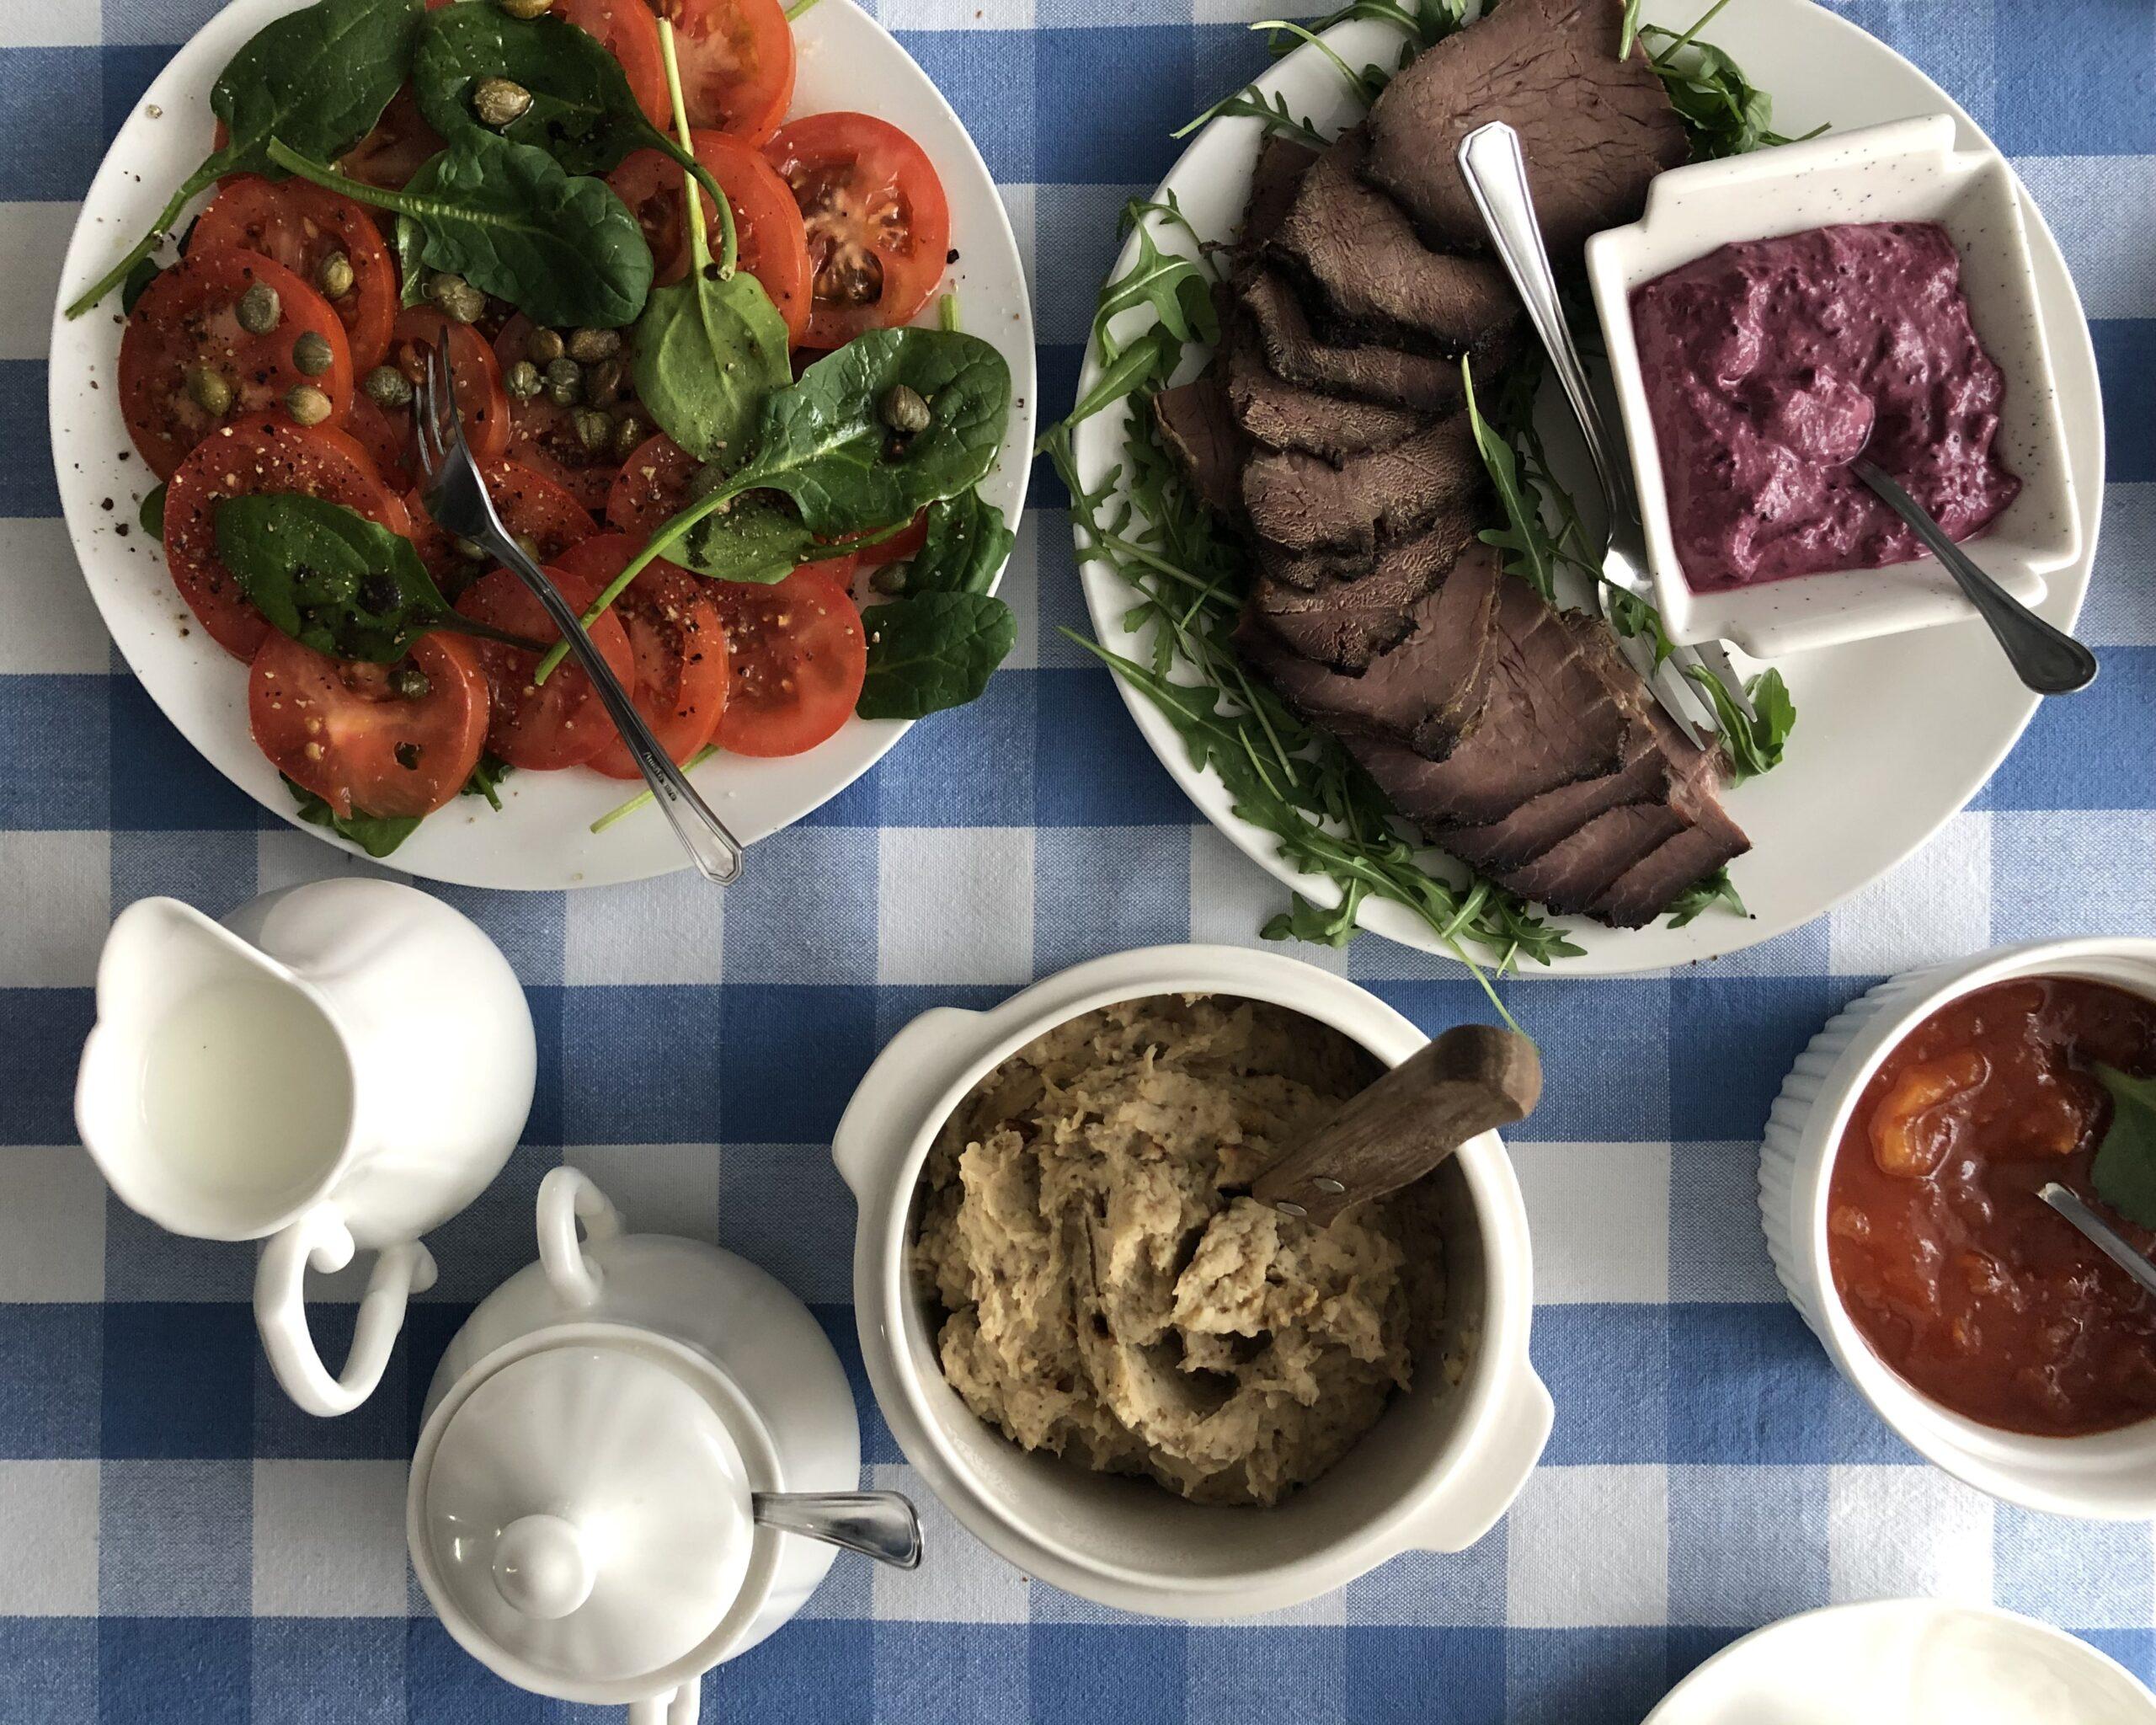 posiłki bobrownia restauracja górowo iławeckie lidzbark warmiński 1